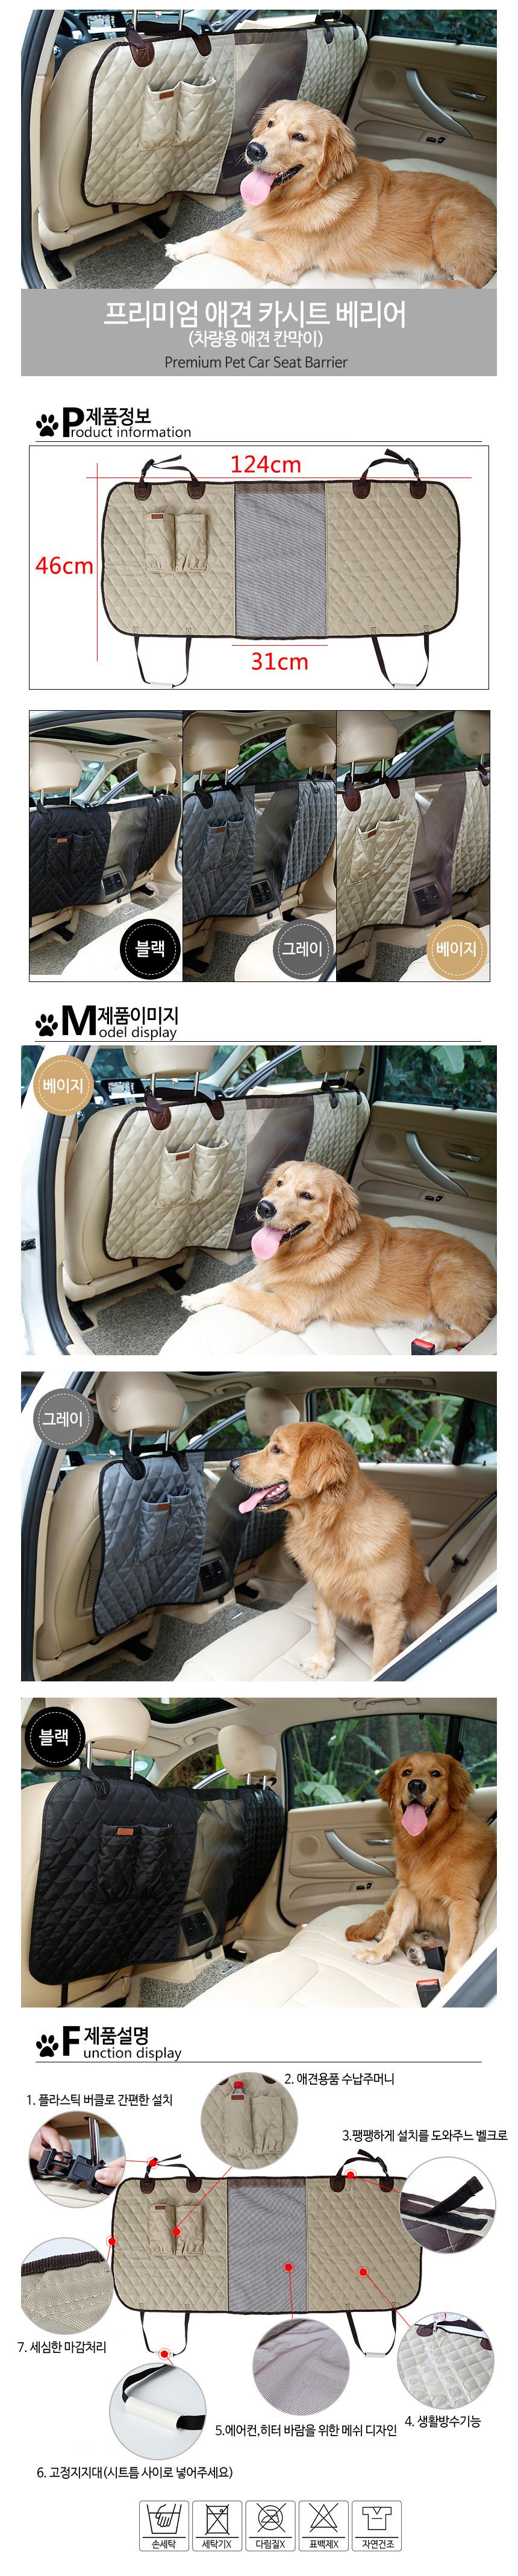 강아지 차량용 칸막이 베리어 수납주머니형 - 멍뭉스, 29,800원, 이동장/리드줄/야외용품, 이동가방